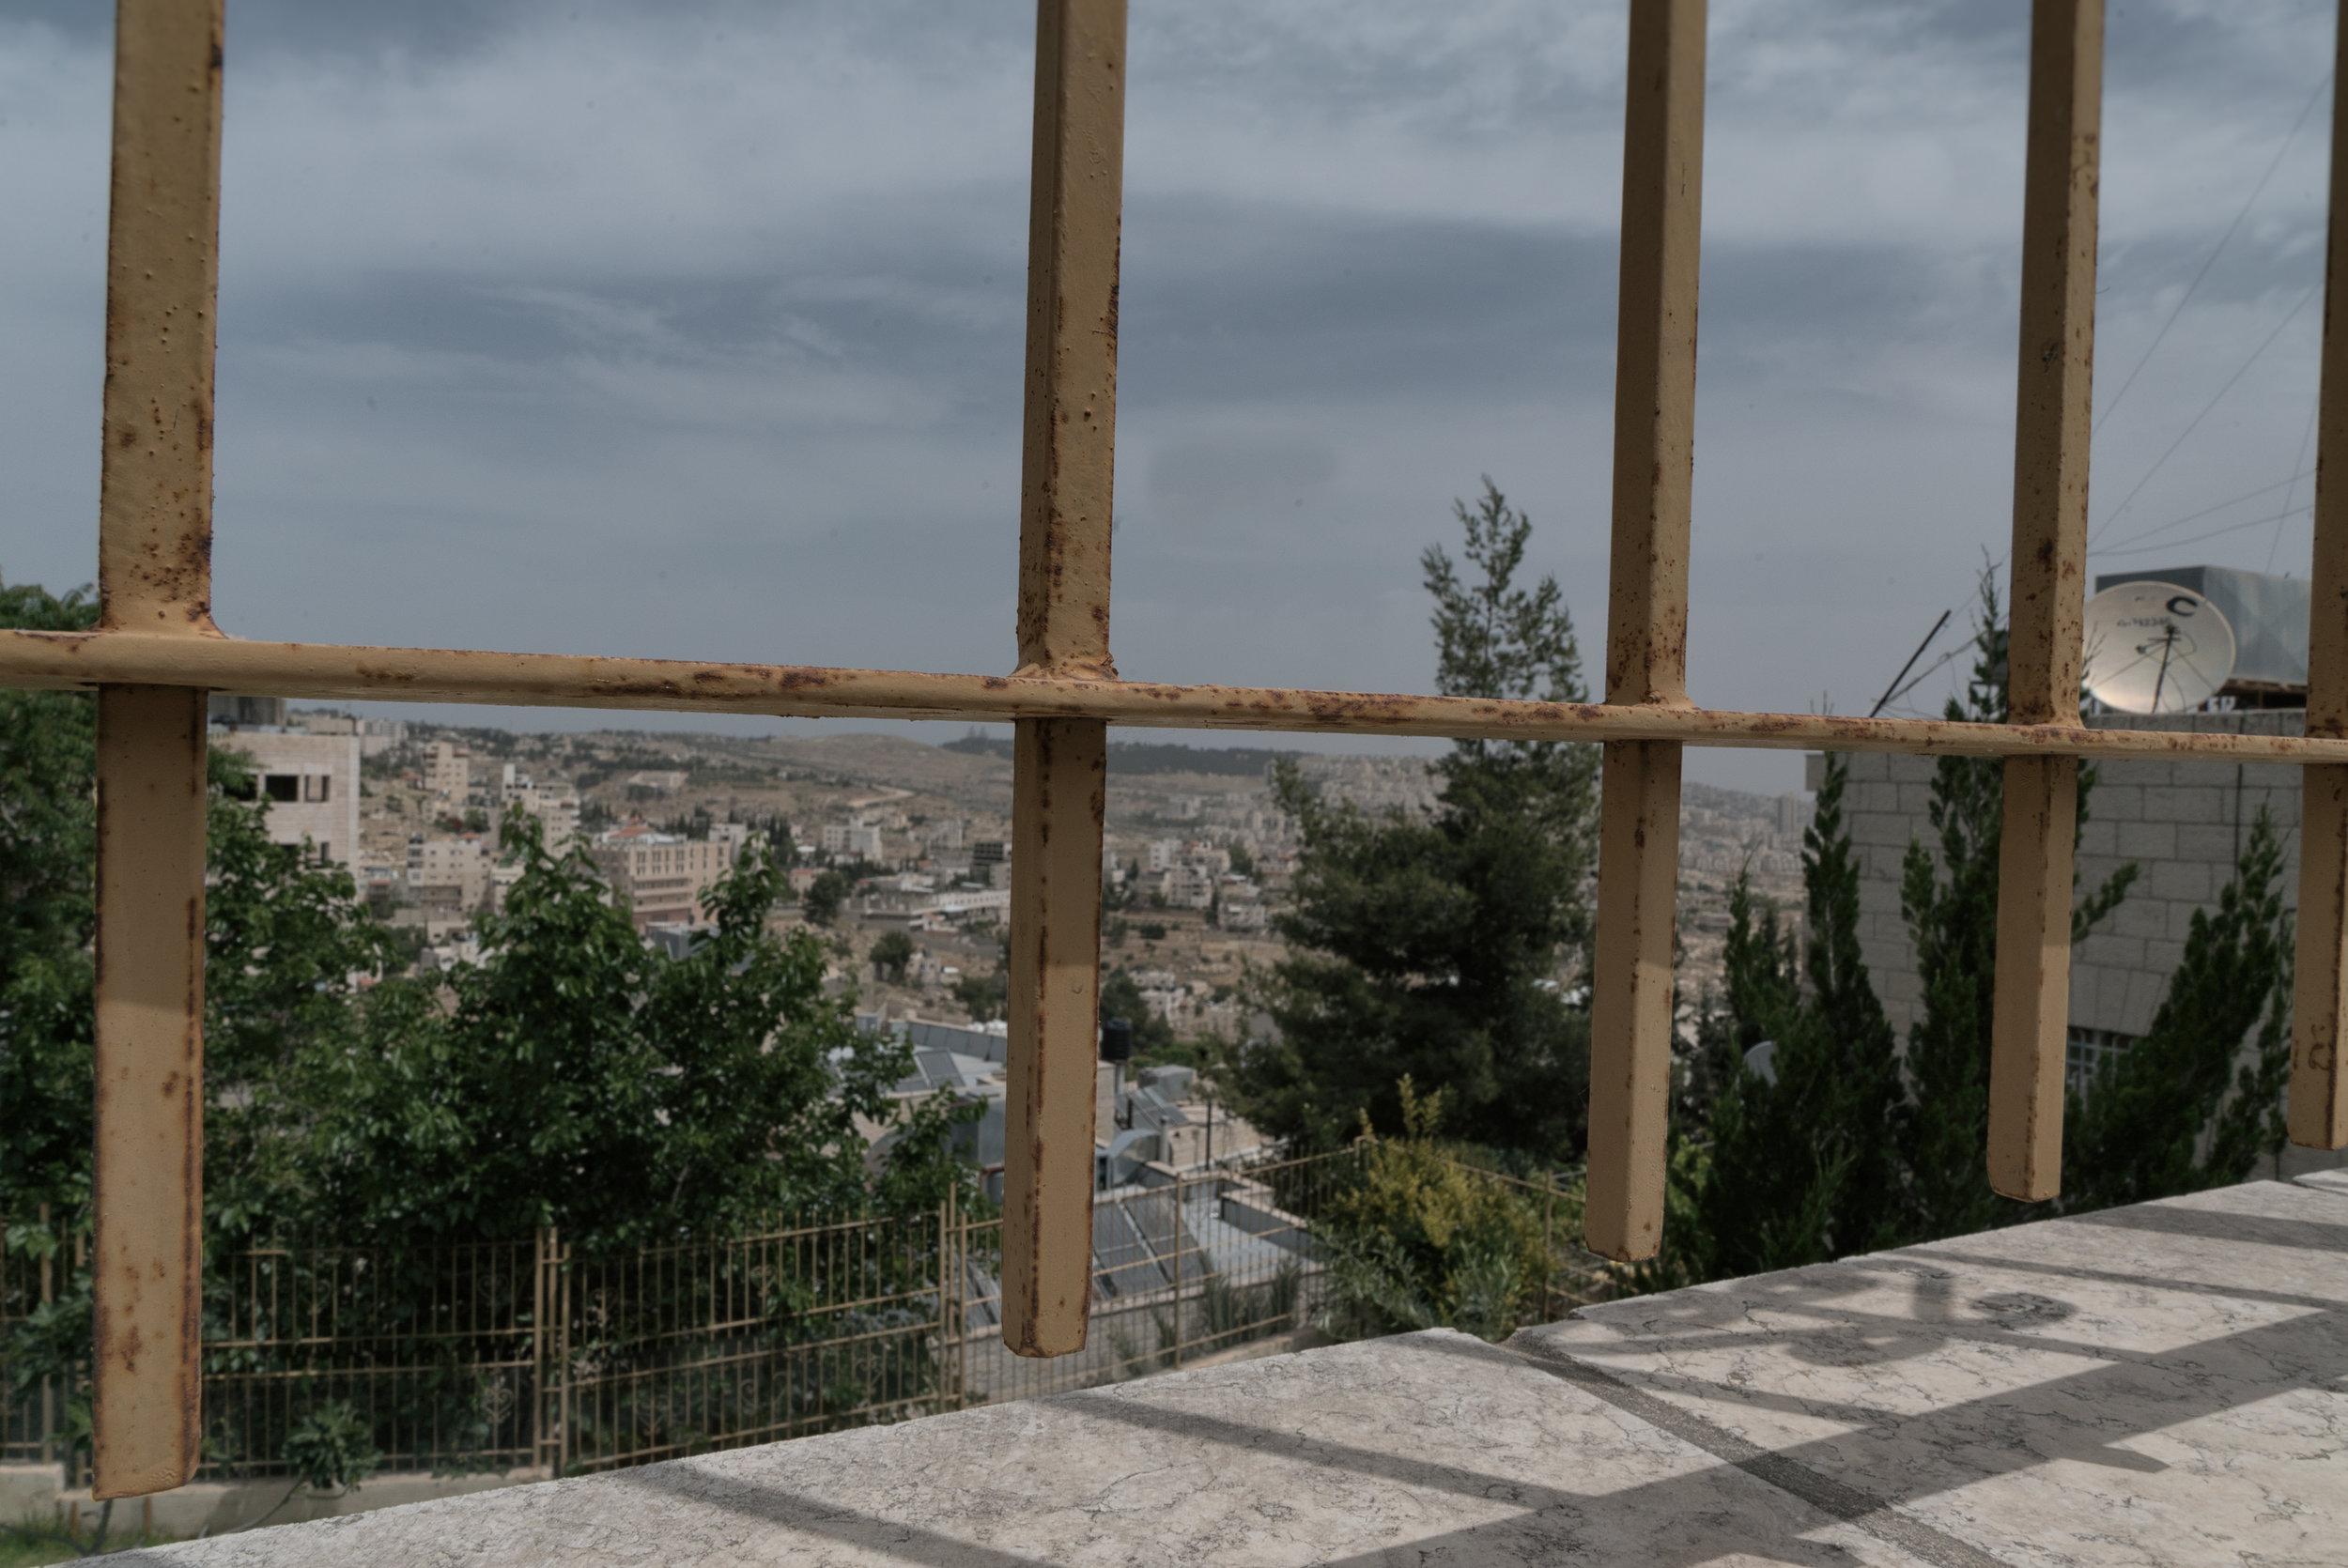 cityview9 (1 of 1).jpg